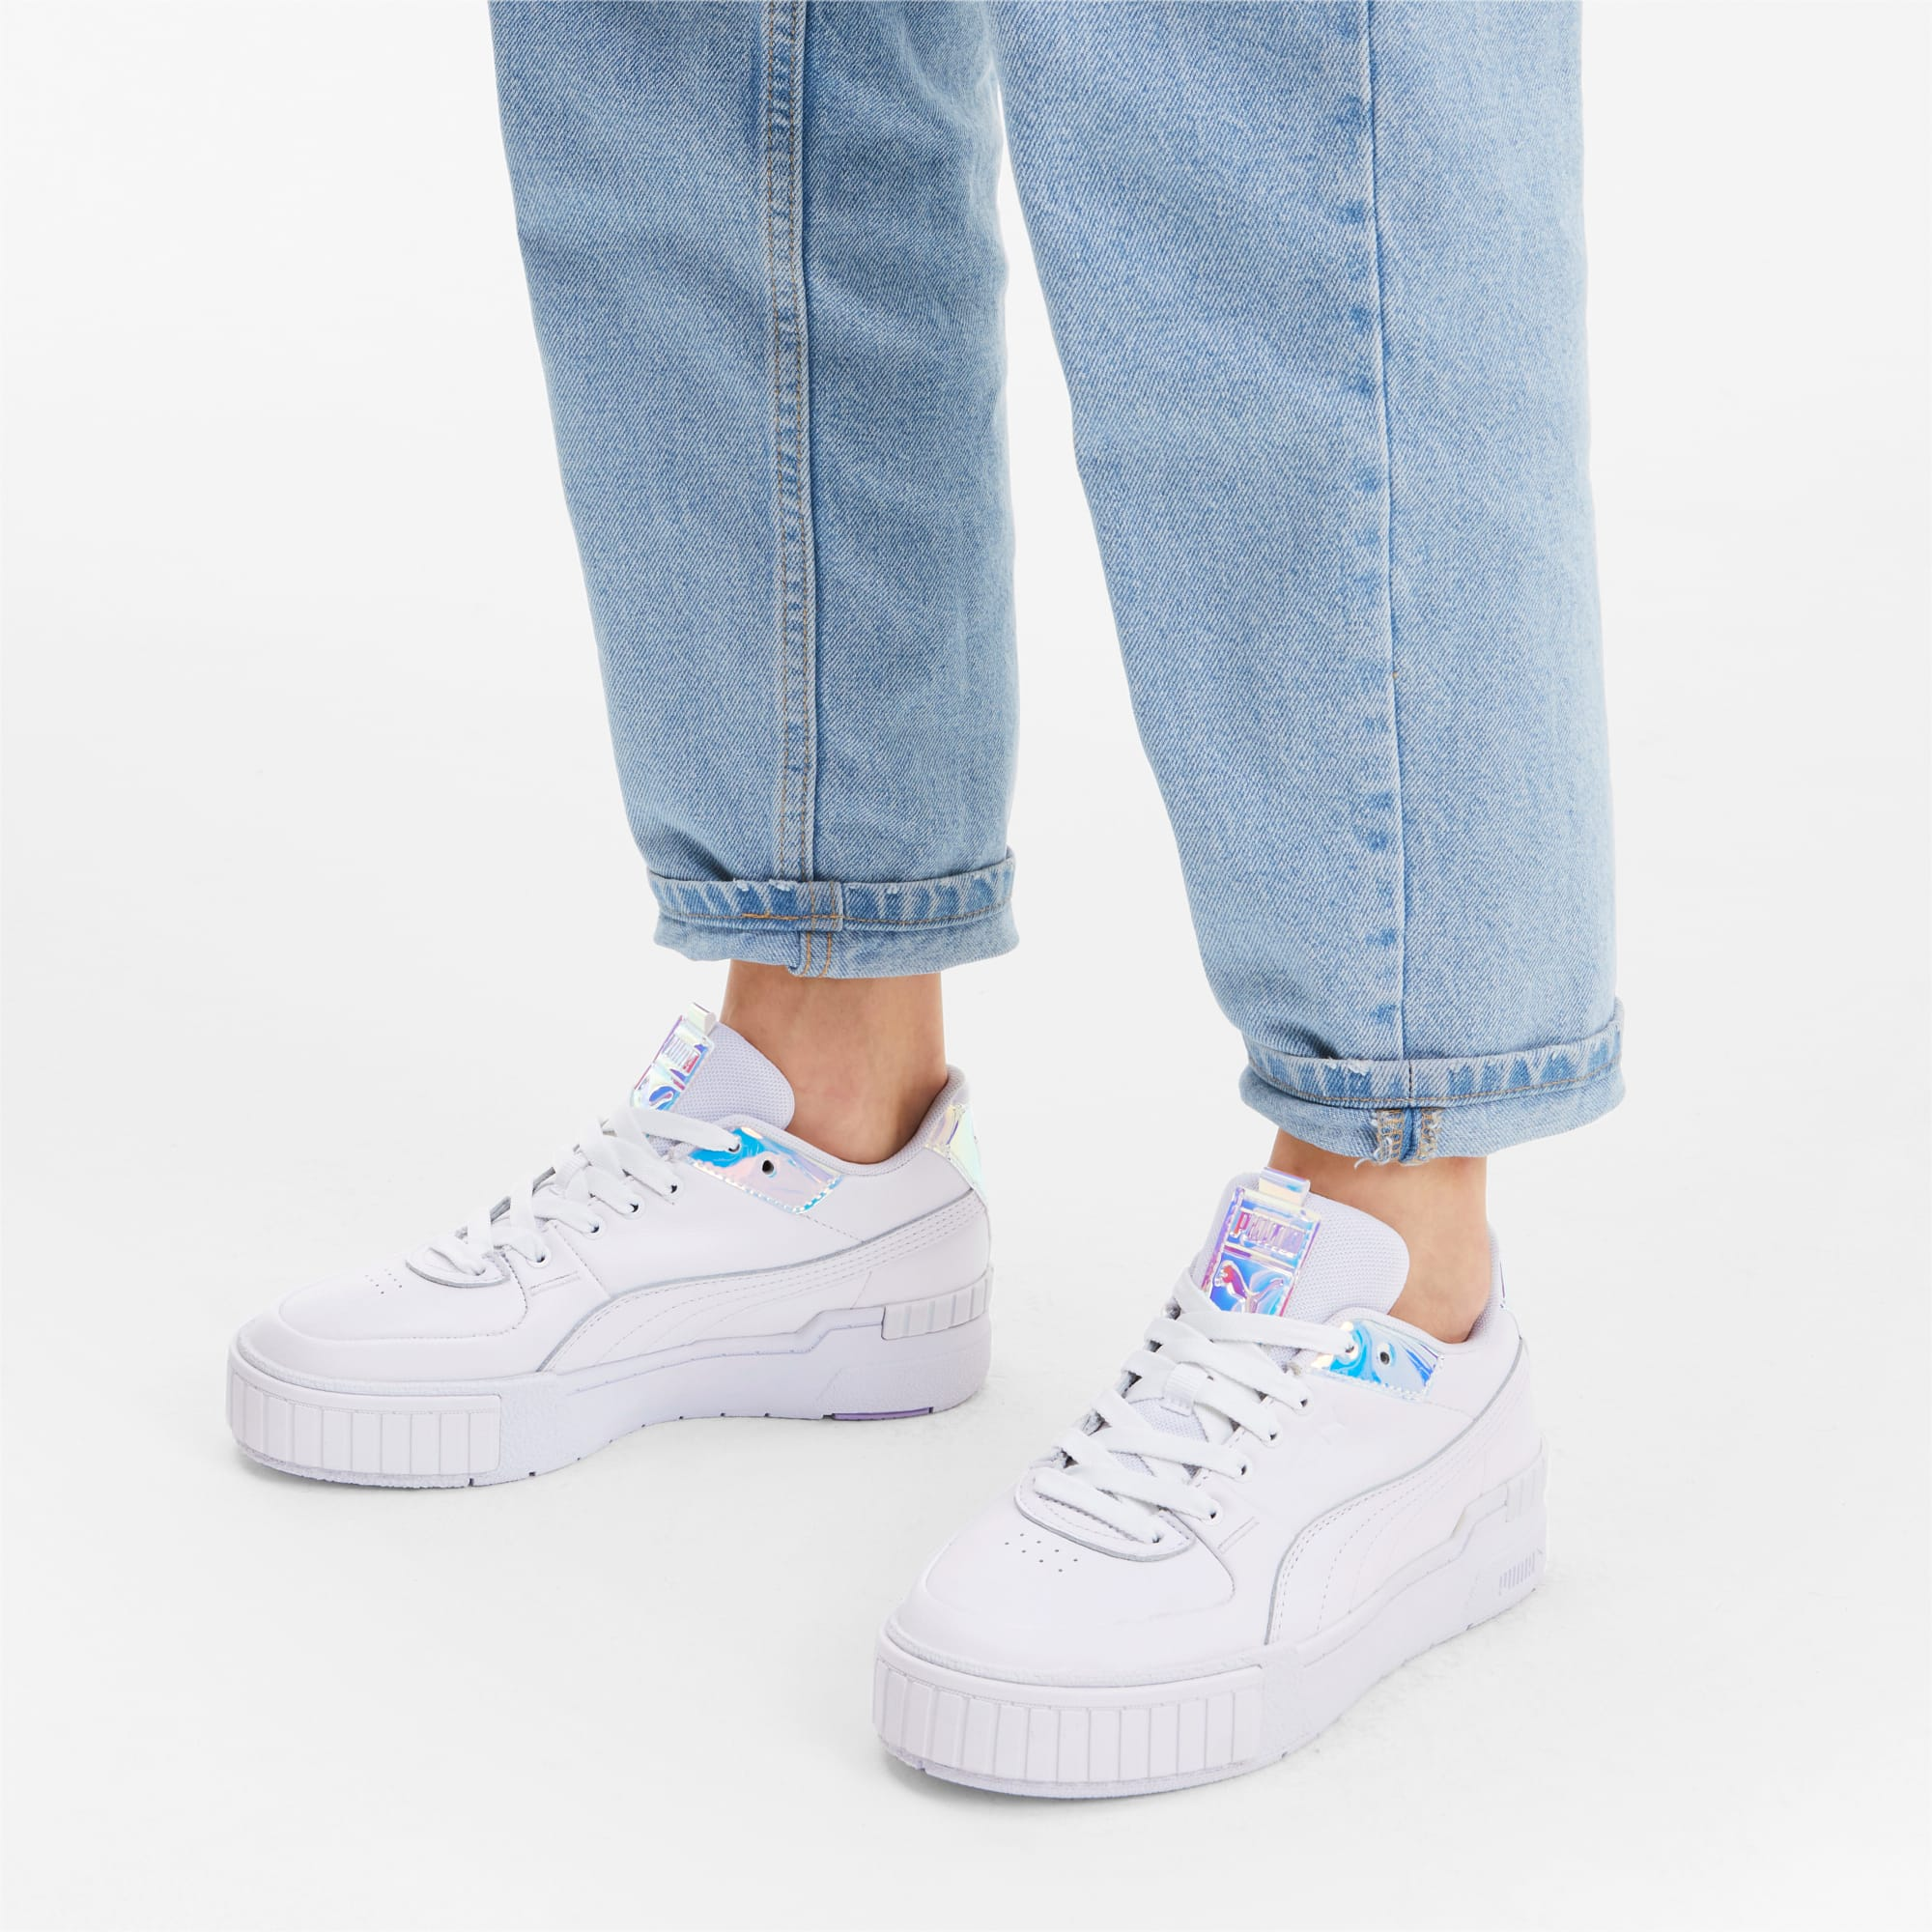 Cali Sport Glow Women's Sneakers